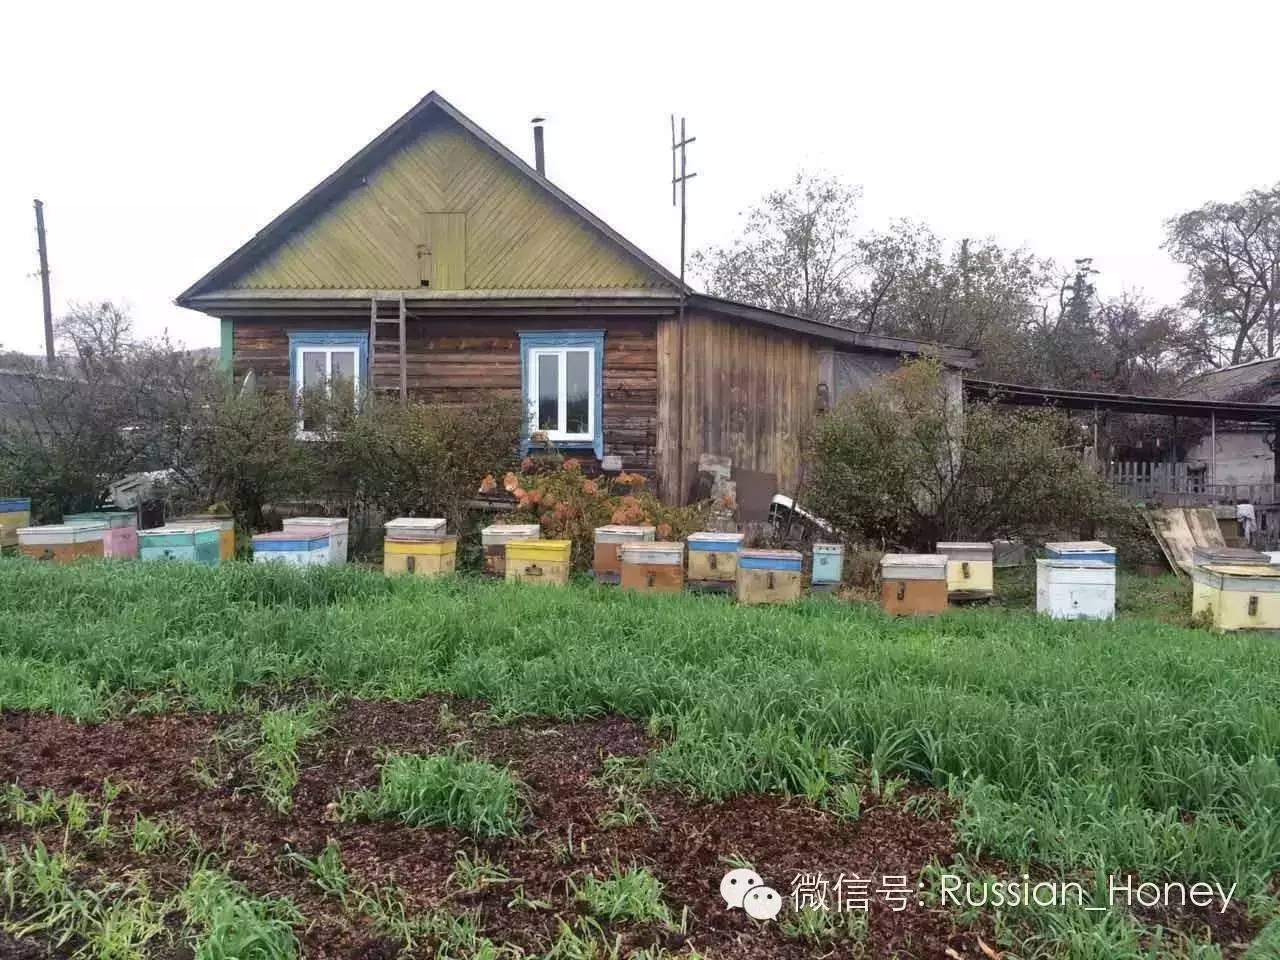 洋槐蜂蜜 蜂蜜是酸性还是碱性 汪氏蜂蜜怎么样 蜂蜡是什么 蜂蜜与葱不能同吃